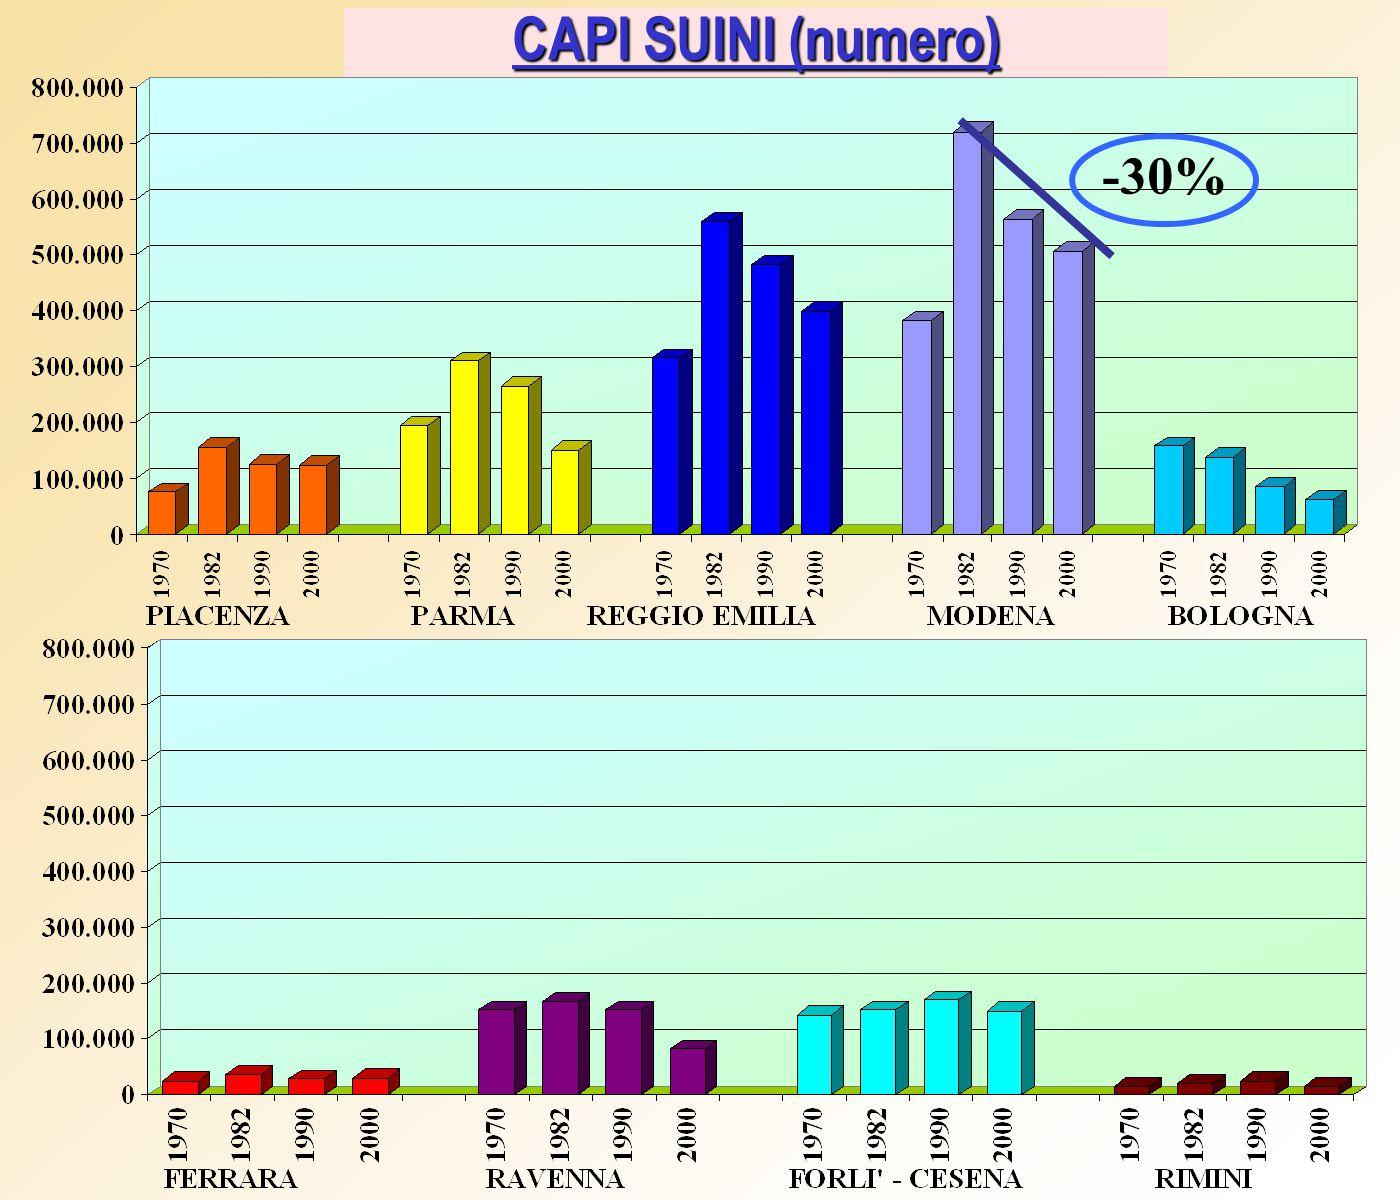 CAPI SUINI (numero) -30%